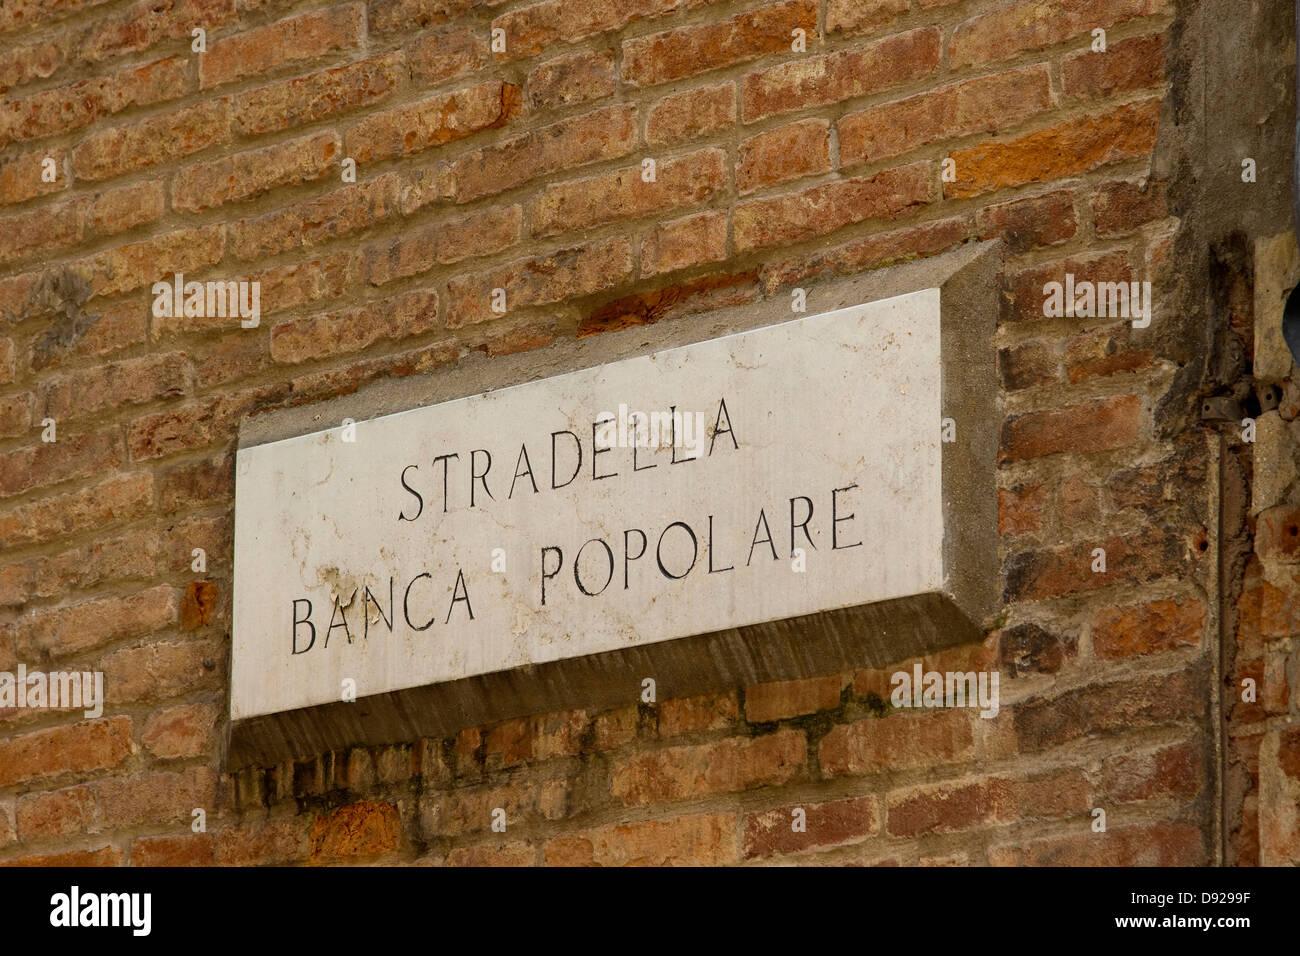 Street sign for Stradella Banca Popolare in Vicenza, Italy. - Stock Image